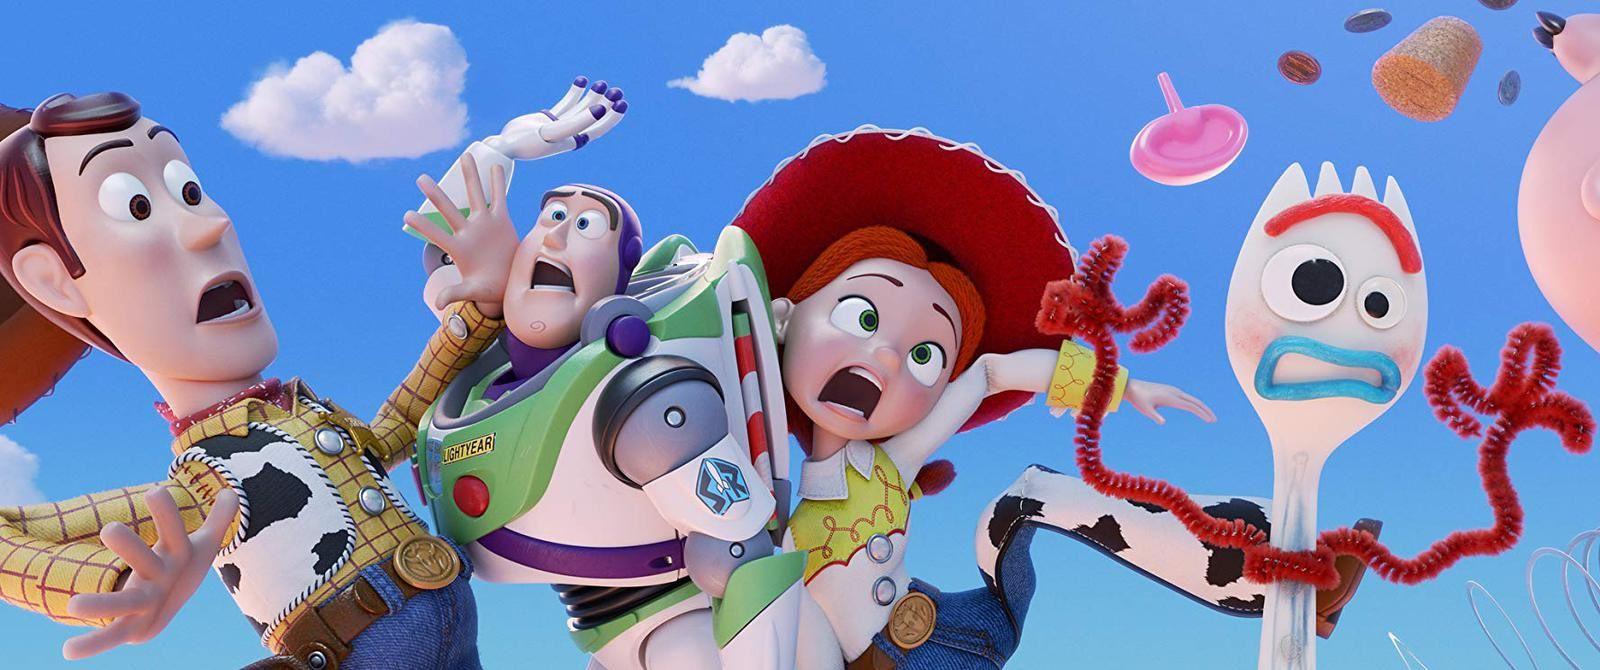 Pixar-Disney - Toy Story 4 - Réaction à la bande-annonce - Le 26 juin 2019 au cinéma